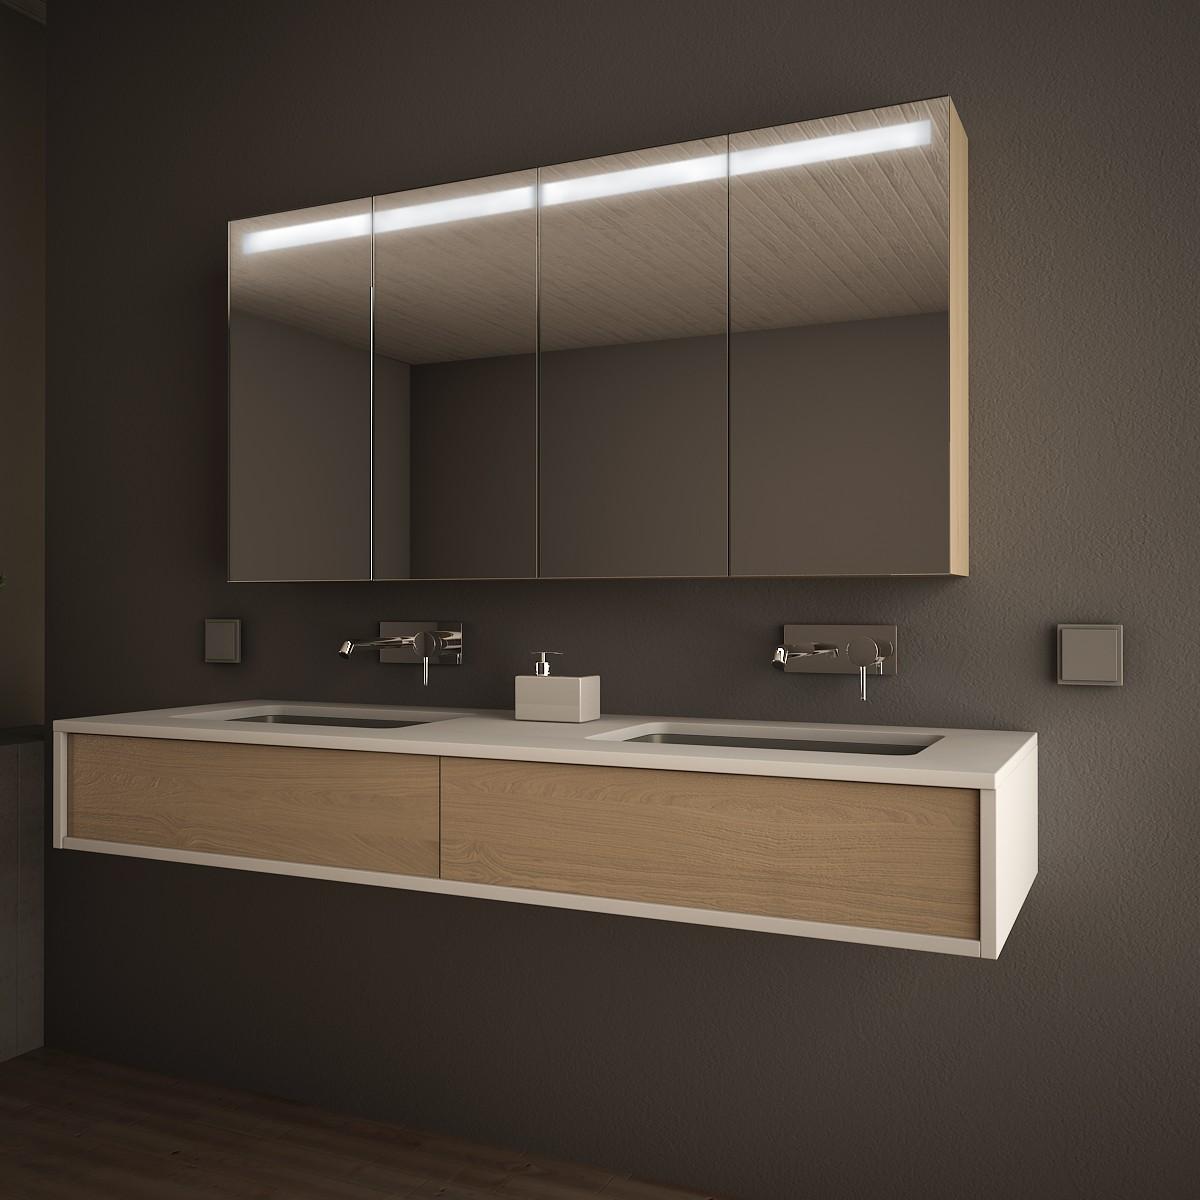 Bad Spiegelschrank Rund Handtuchhalterung Luxurias Design Spiegel